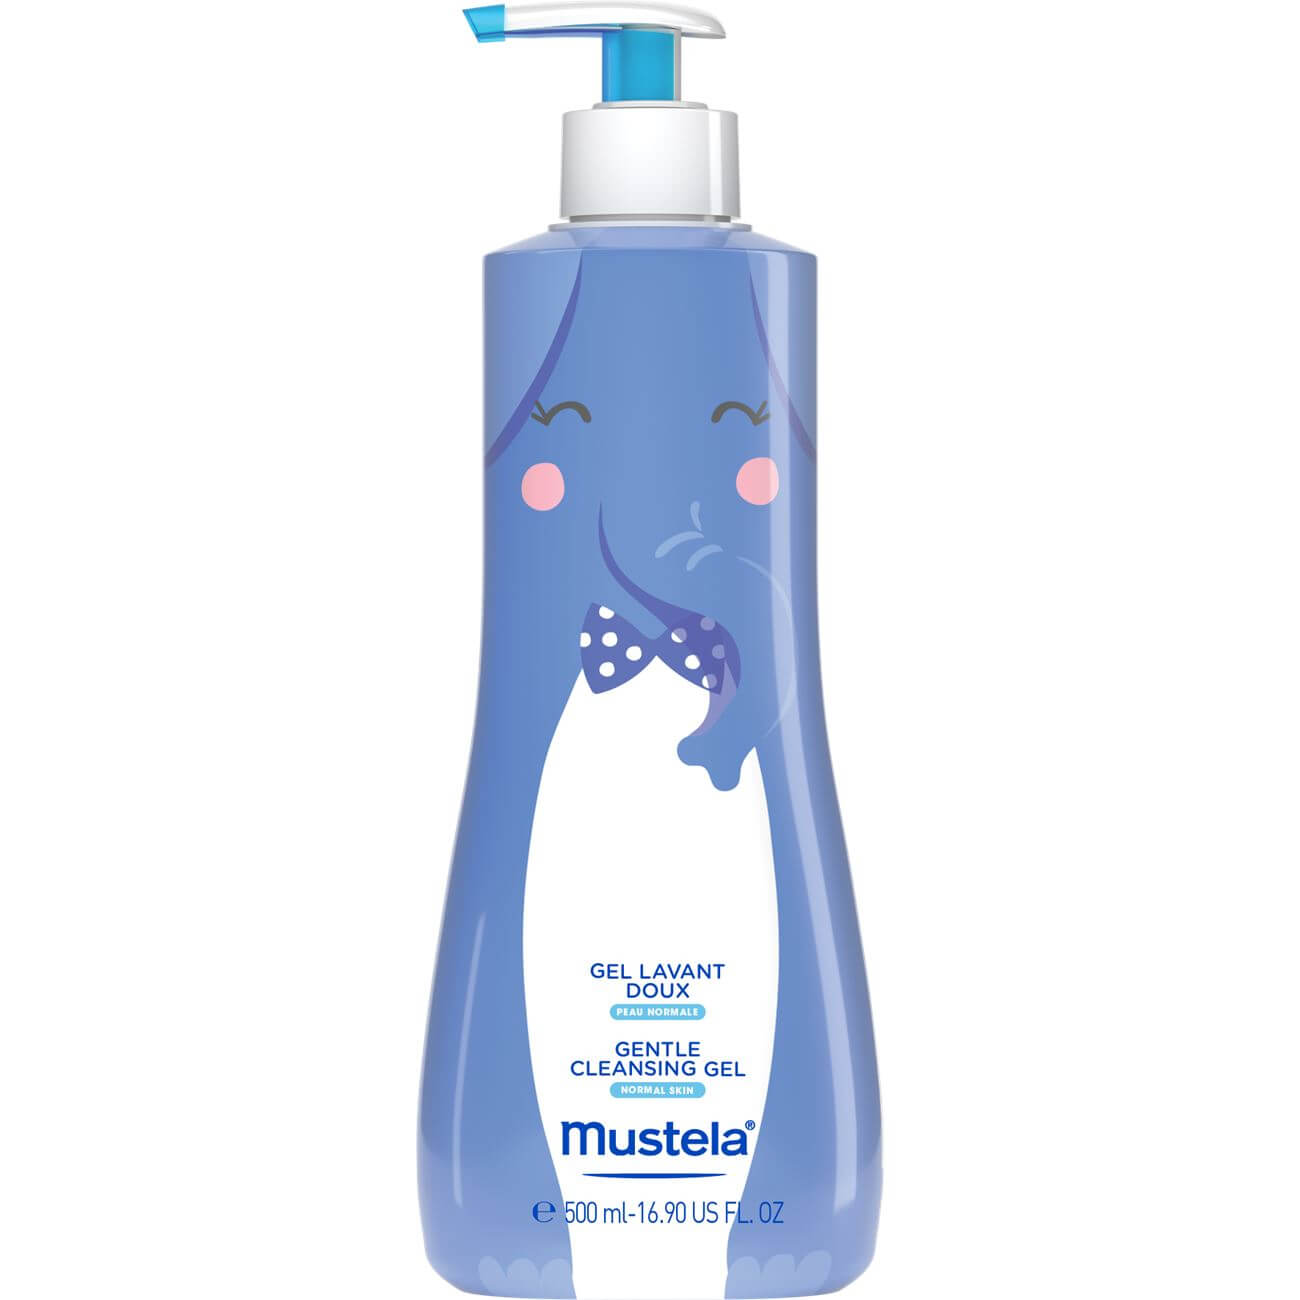 Mustela Special Edition Gentle Cleansing GelΒρεφικό-Παιδικό GelΚαθαρισμού για Σώμα & Μαλλιά 500ml